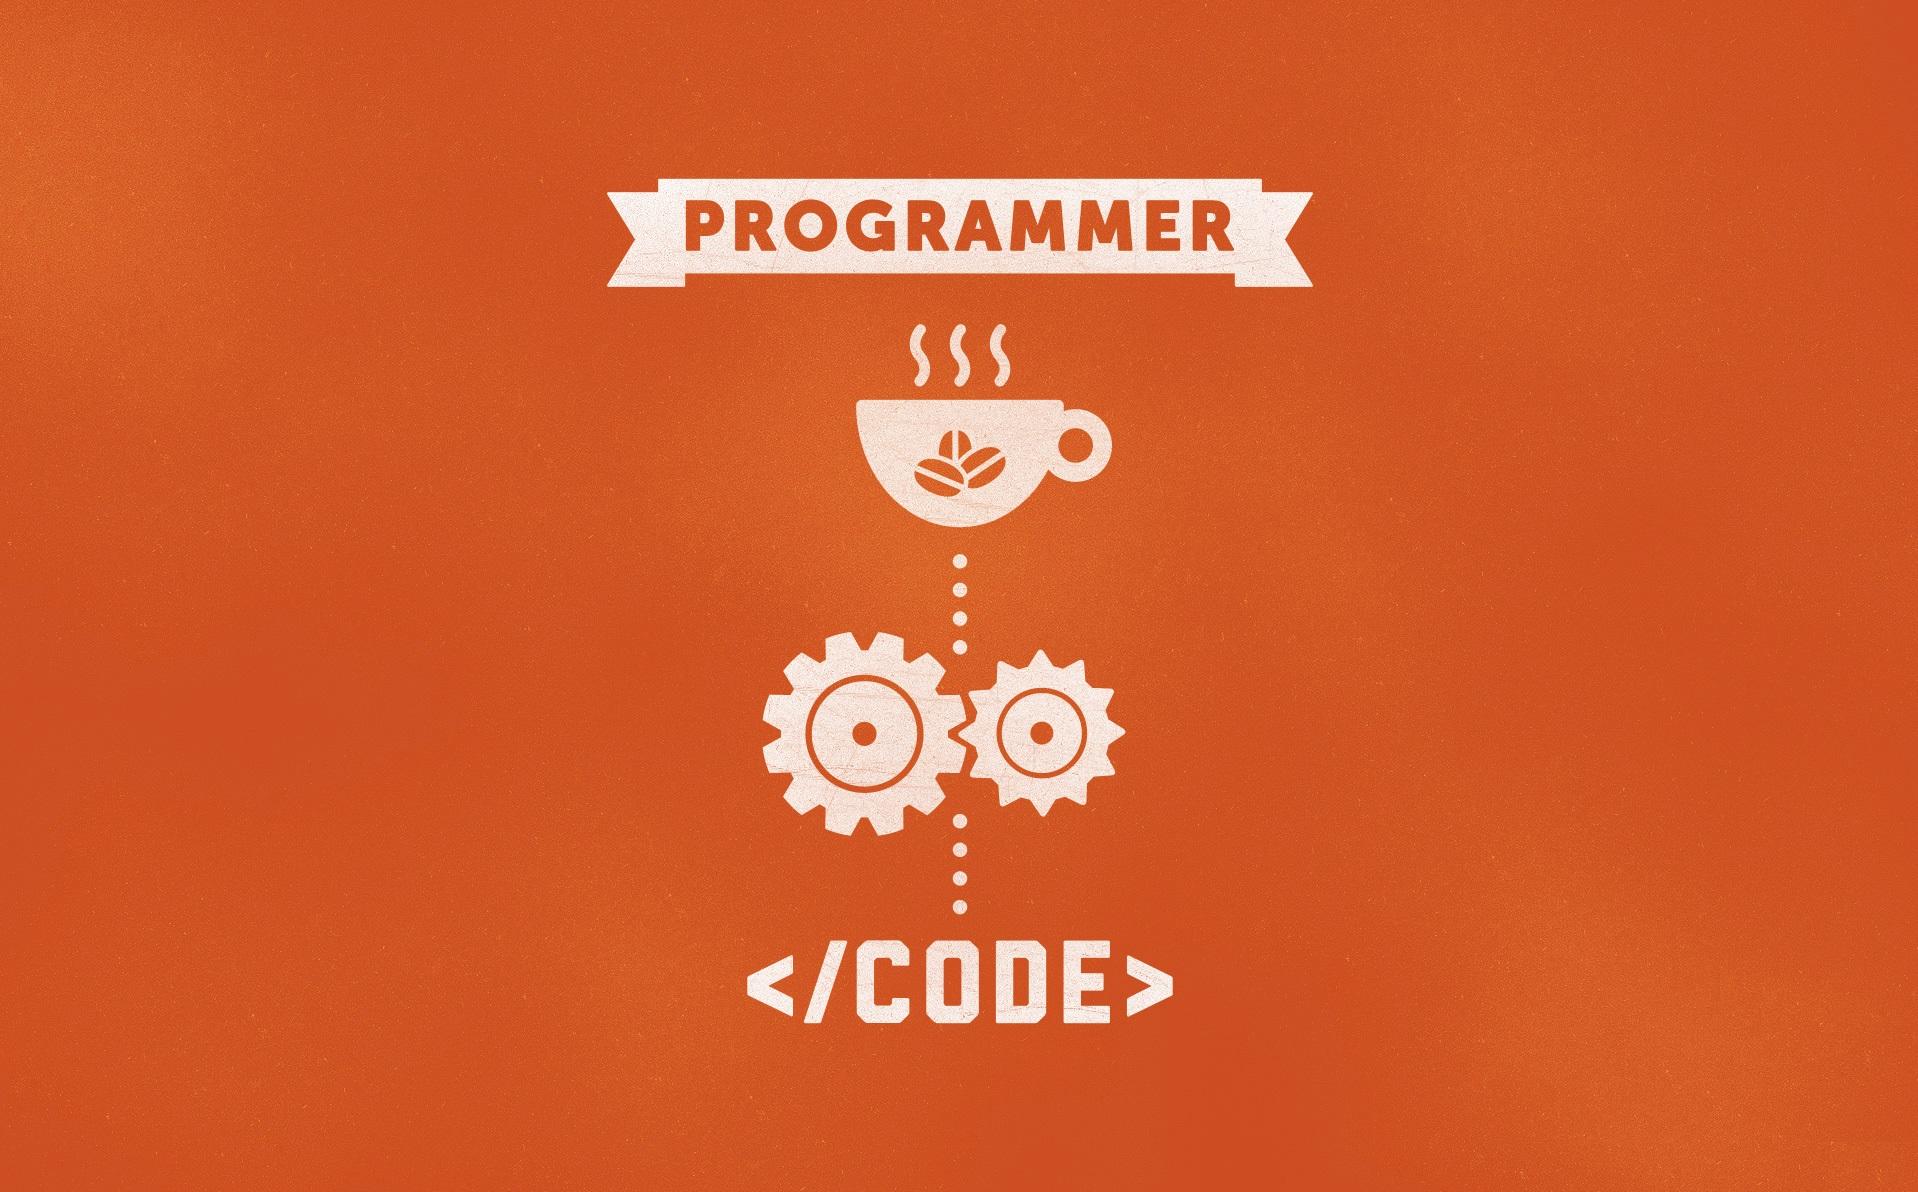 Агентский программист vs клиентский программист win win стратегия  Зачастую если клиент говорит что у него есть свой программист но он как то не очень в нем уверен